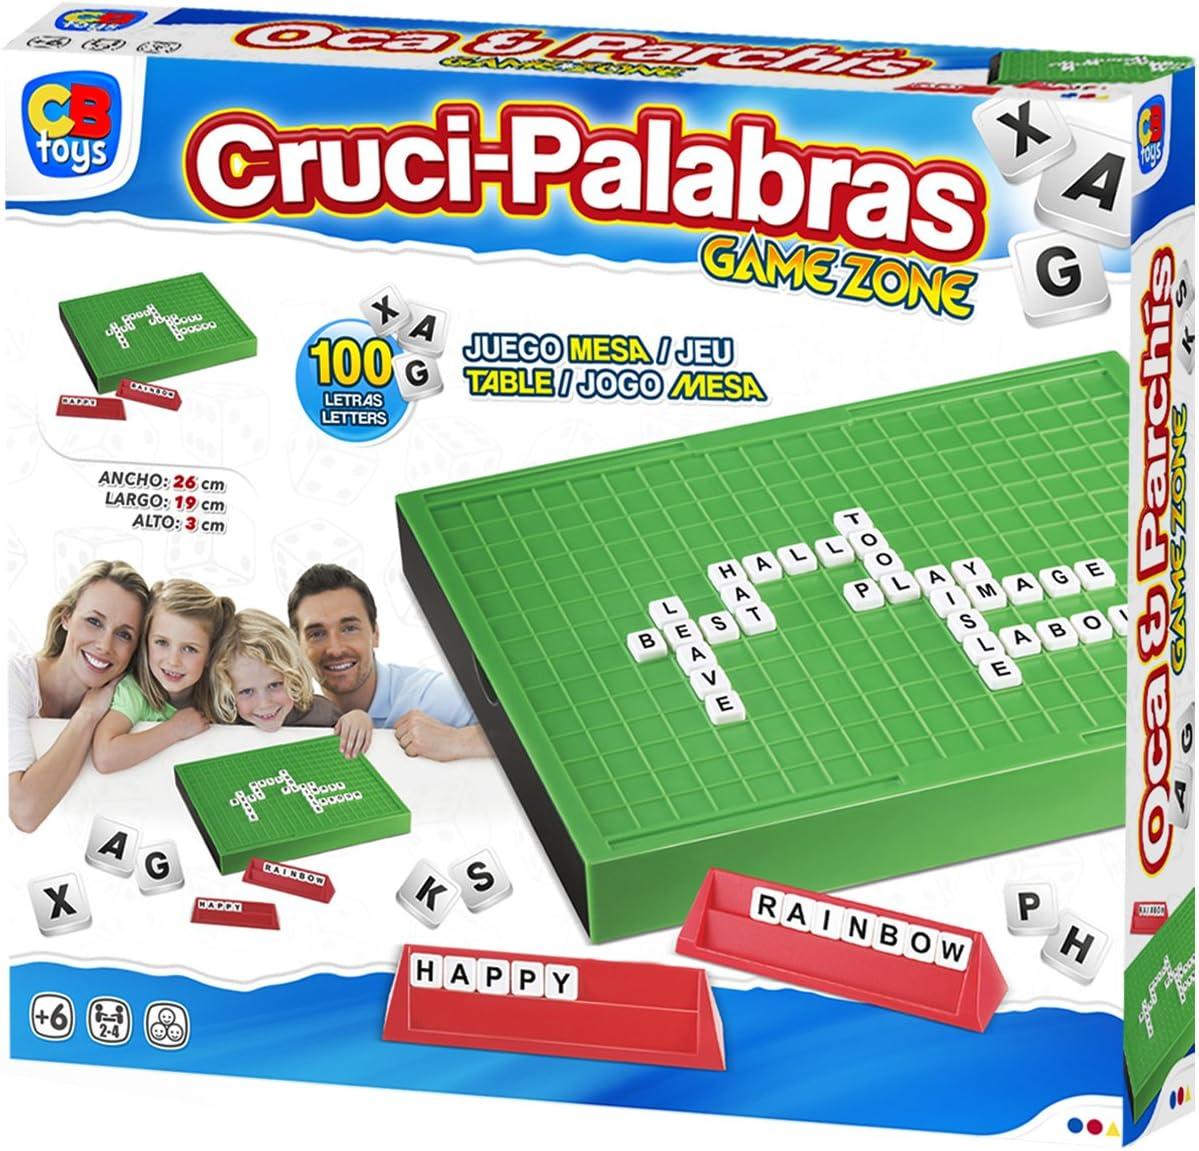 ColorBaby - Juego de mesa Palabras Cruzadas CB Games (43314): Amazon.es: Juguetes y juegos